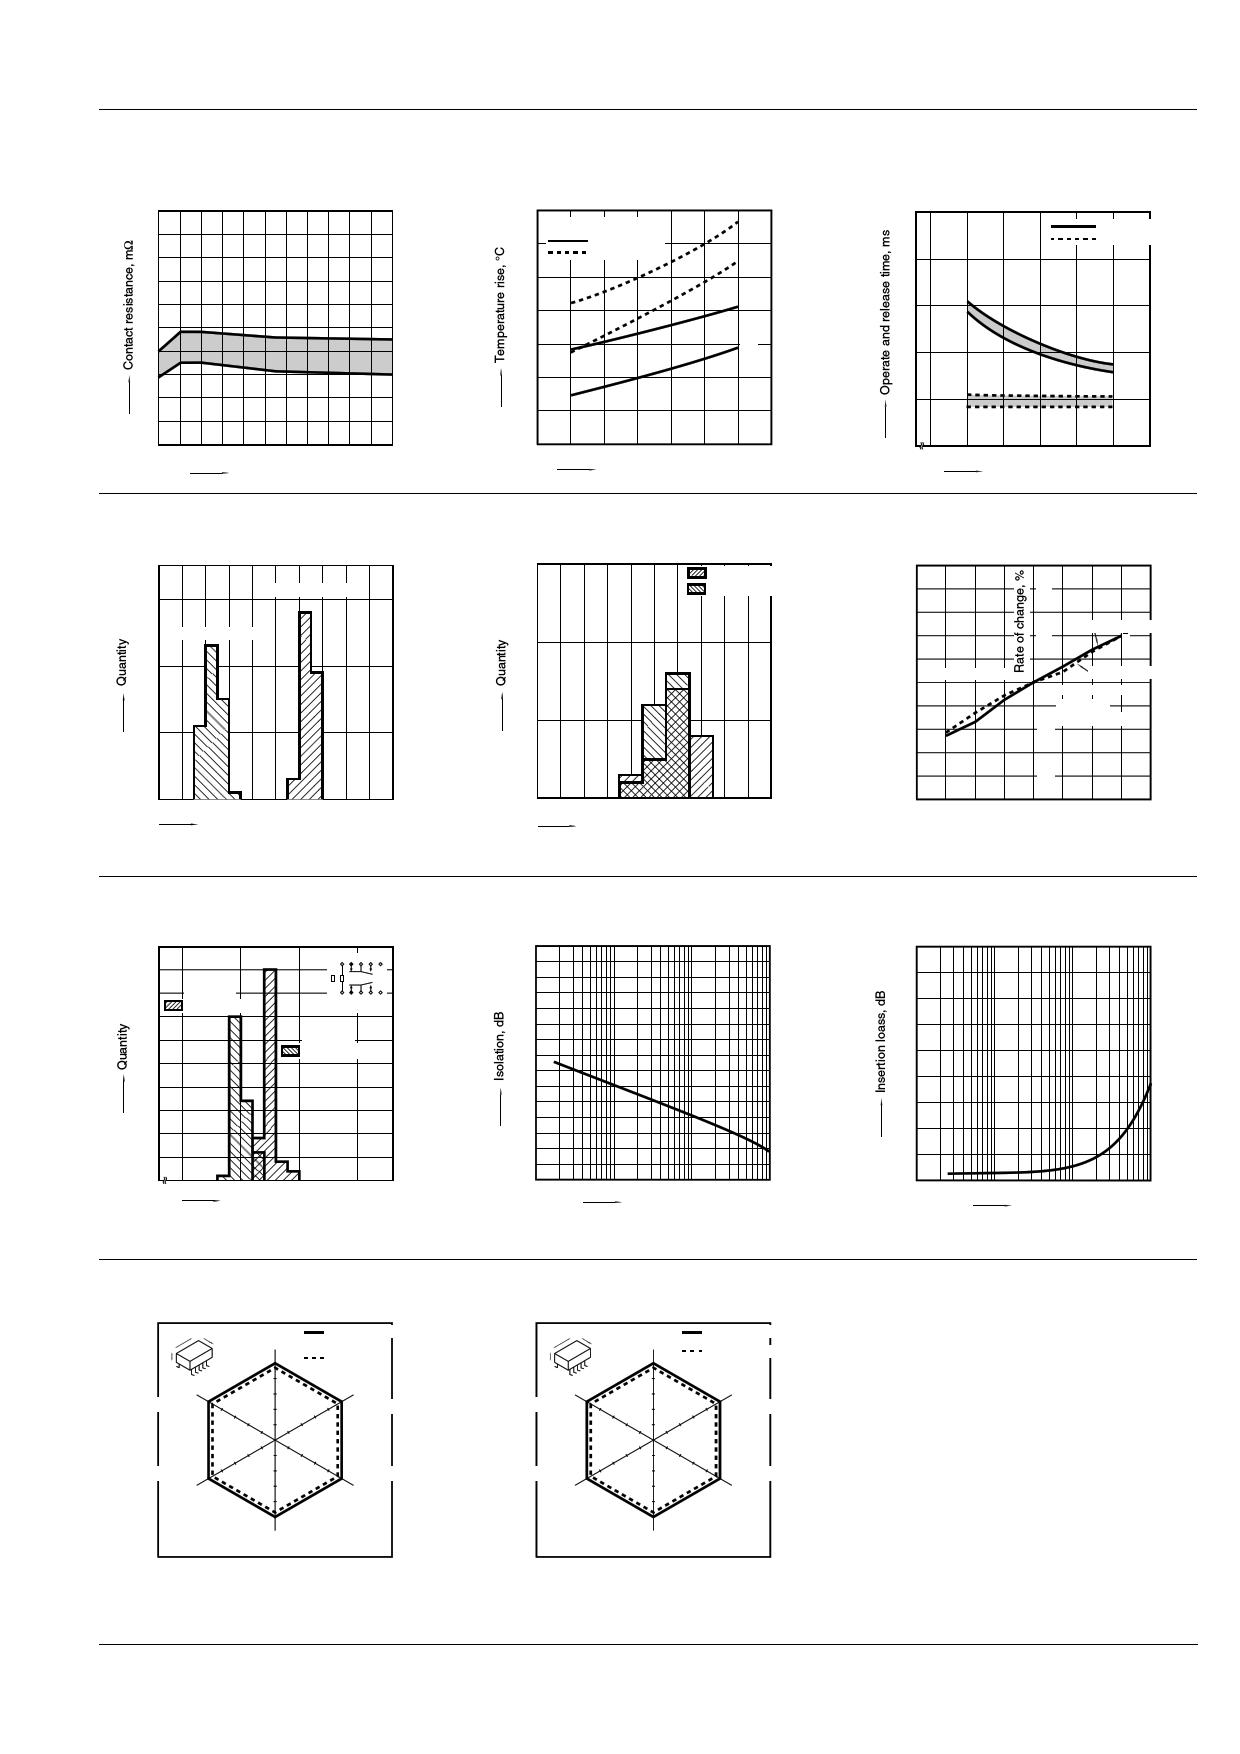 TQ2SS-L2-24V pdf, 반도체, 판매, 대치품